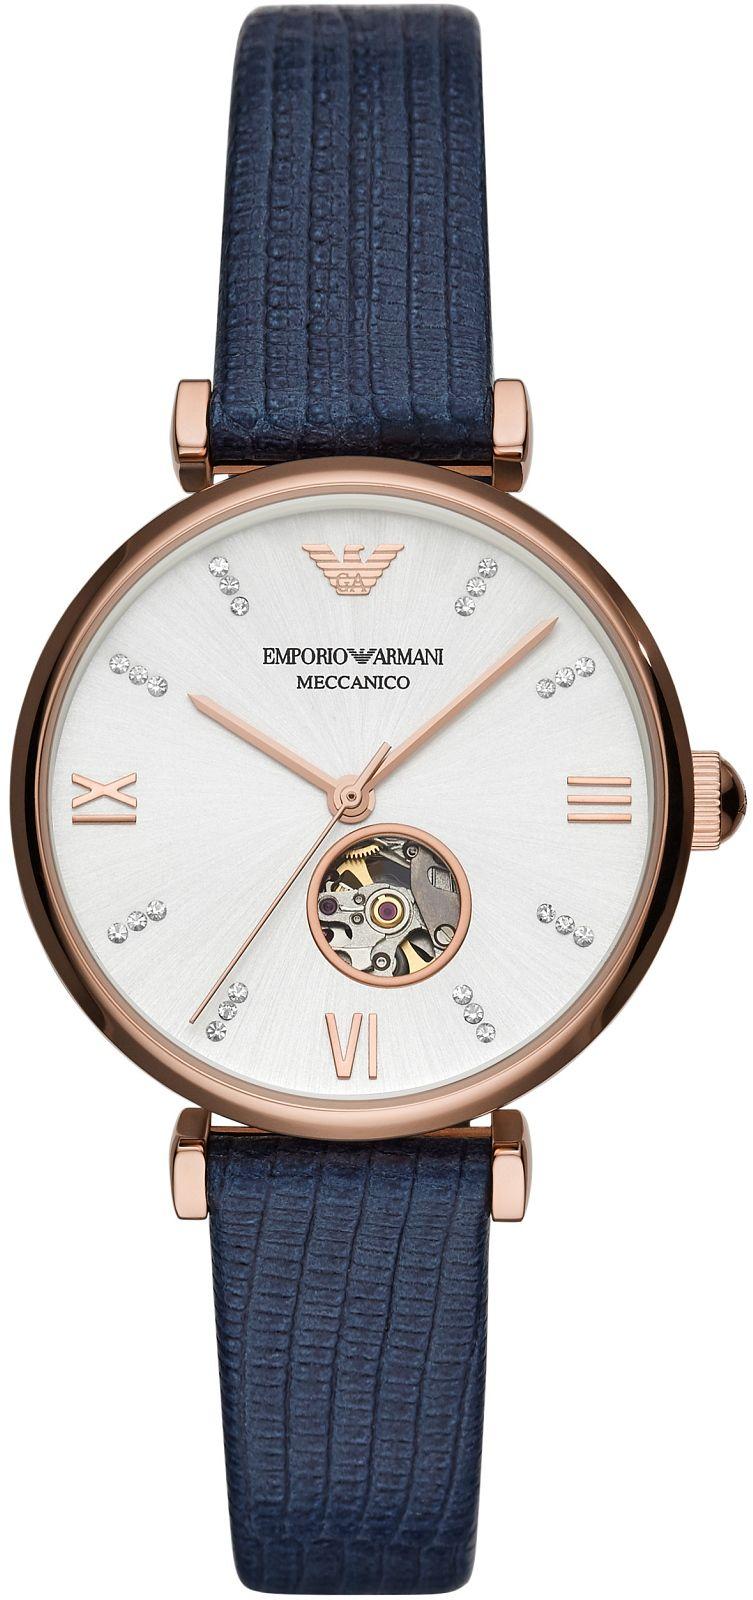 Zegarek Emporio Armani AR60020 > Wysyłka tego samego dnia Grawer 0zł Darmowa dostawa Kurierem/Inpost Darmowy zwrot przez 100 DNI